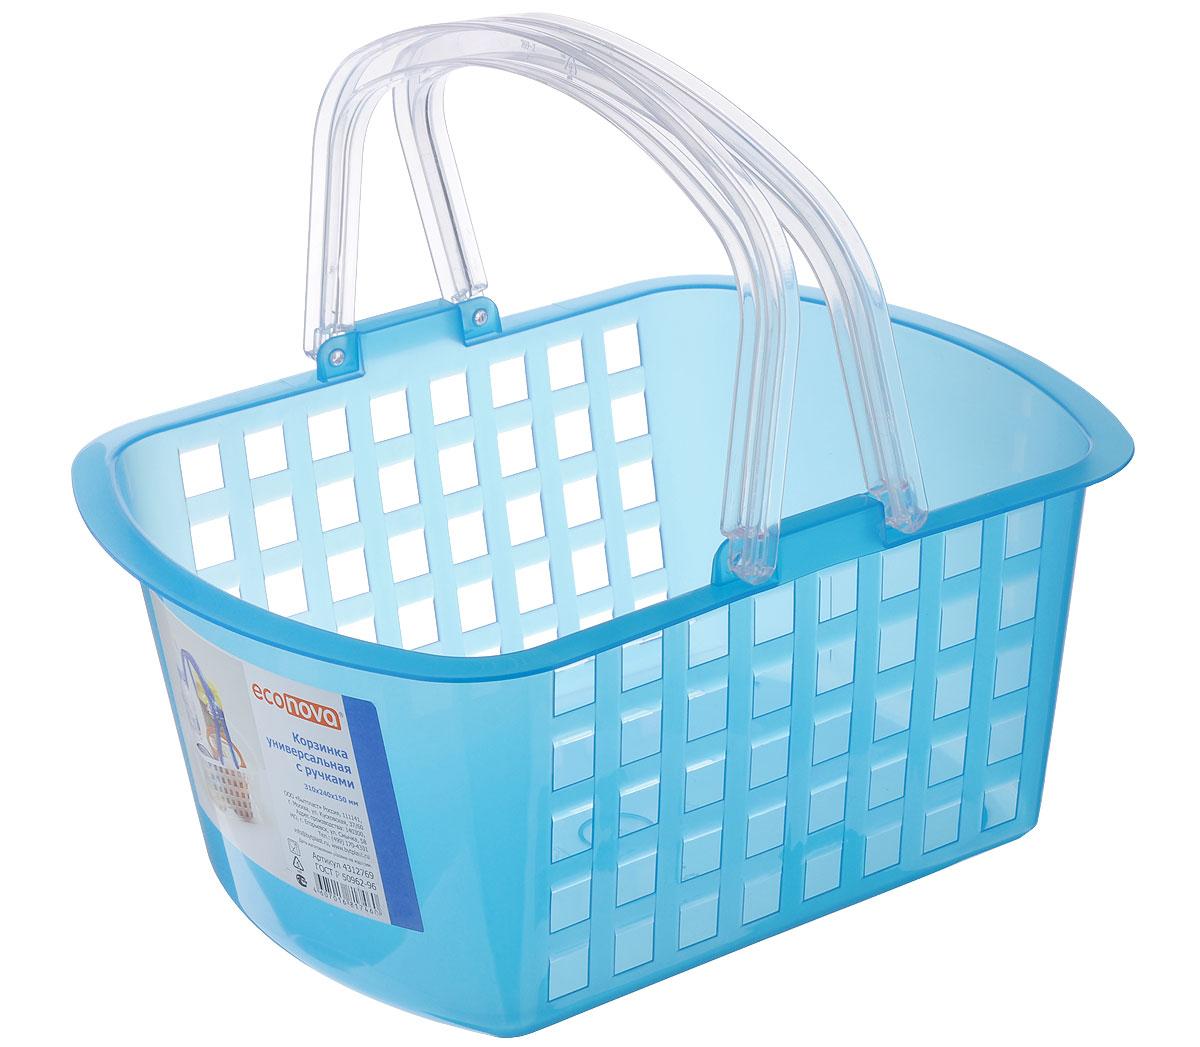 Корзинка универсальная Econova, цвет: голубой, 31 х 24 х 15 см193415_голубойУниверсальная корзина Econova, изготовленная из высококачественного прочного пластика, предназначена для хранения мелочей в ванной, на кухне, даче или гараже. Изделие оснащено двумя удобными складными ручками.Это легкая корзина со сплошным дном, жесткой кромкой и небольшими отверстиями позволяет хранить мелкие вещи, исключая возможность их потери.